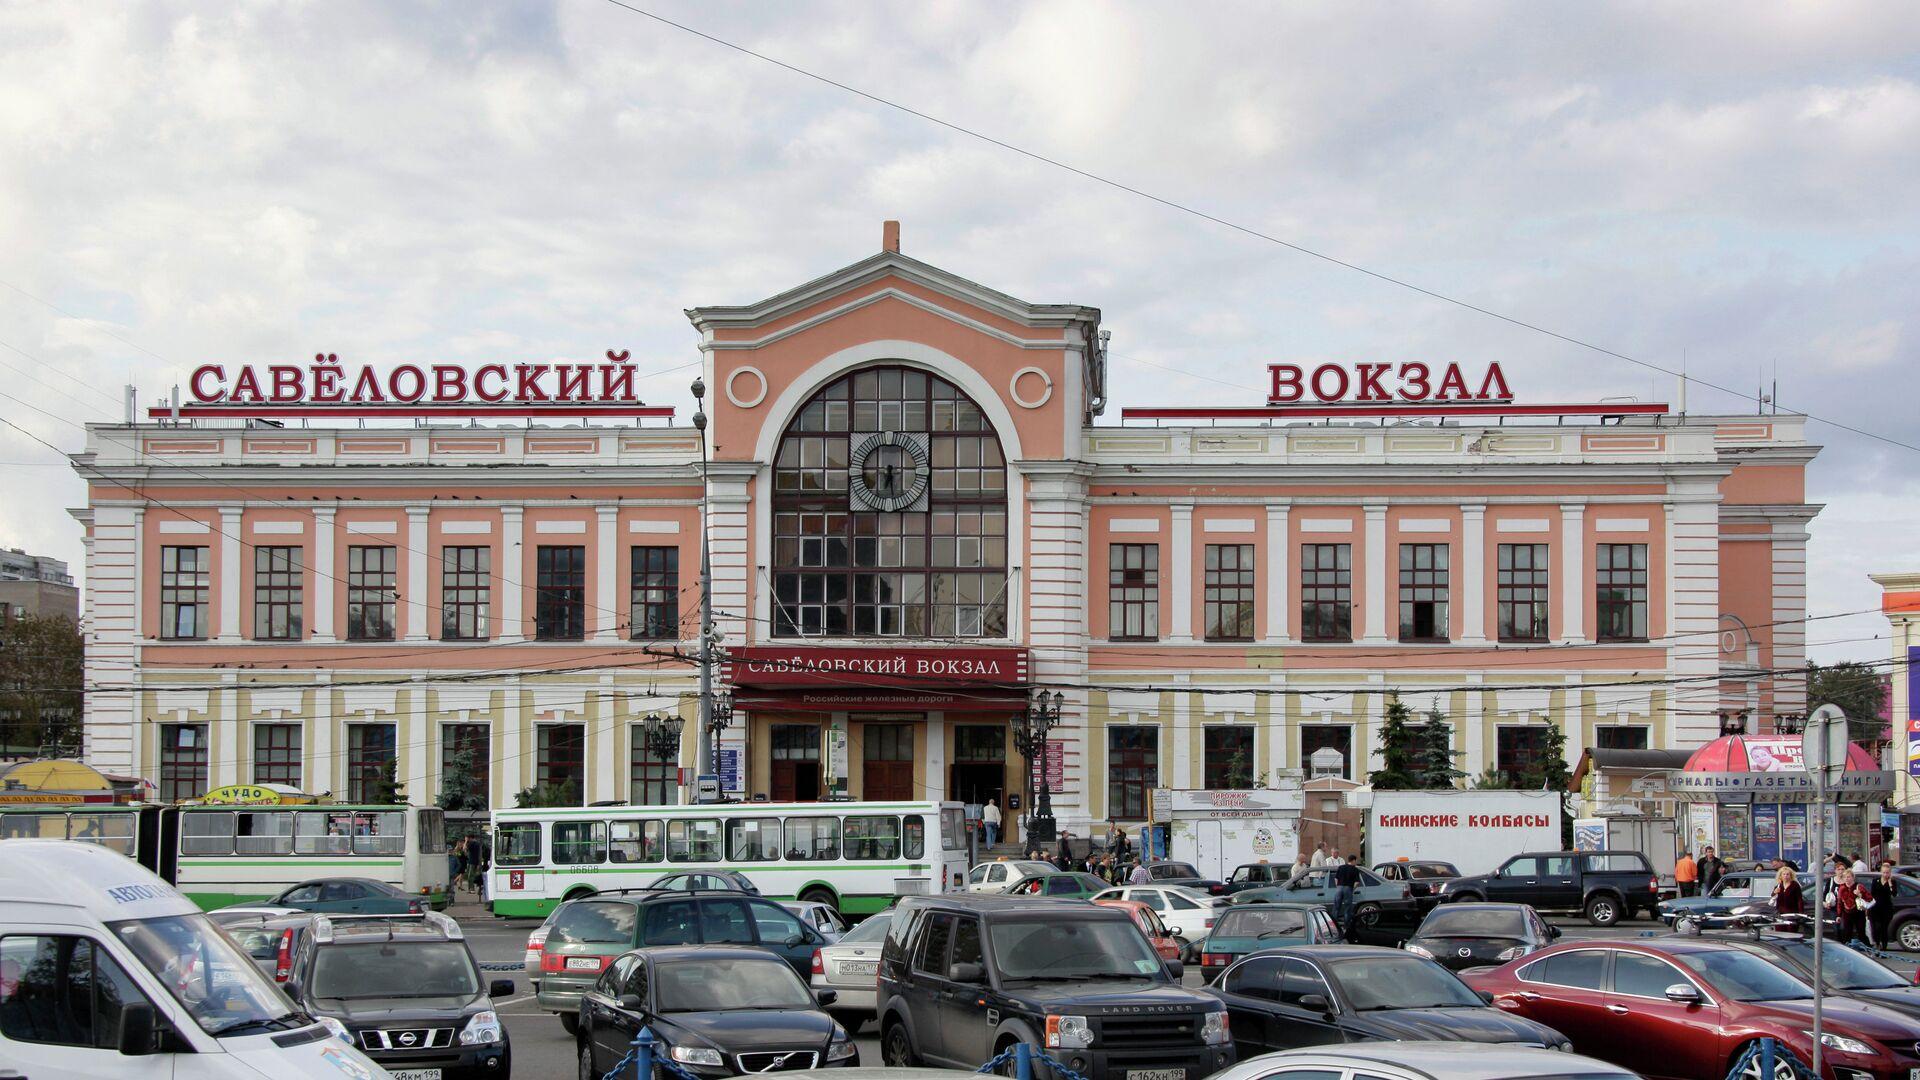 Савеловский вокзал - РИА Новости, 1920, 08.02.2021